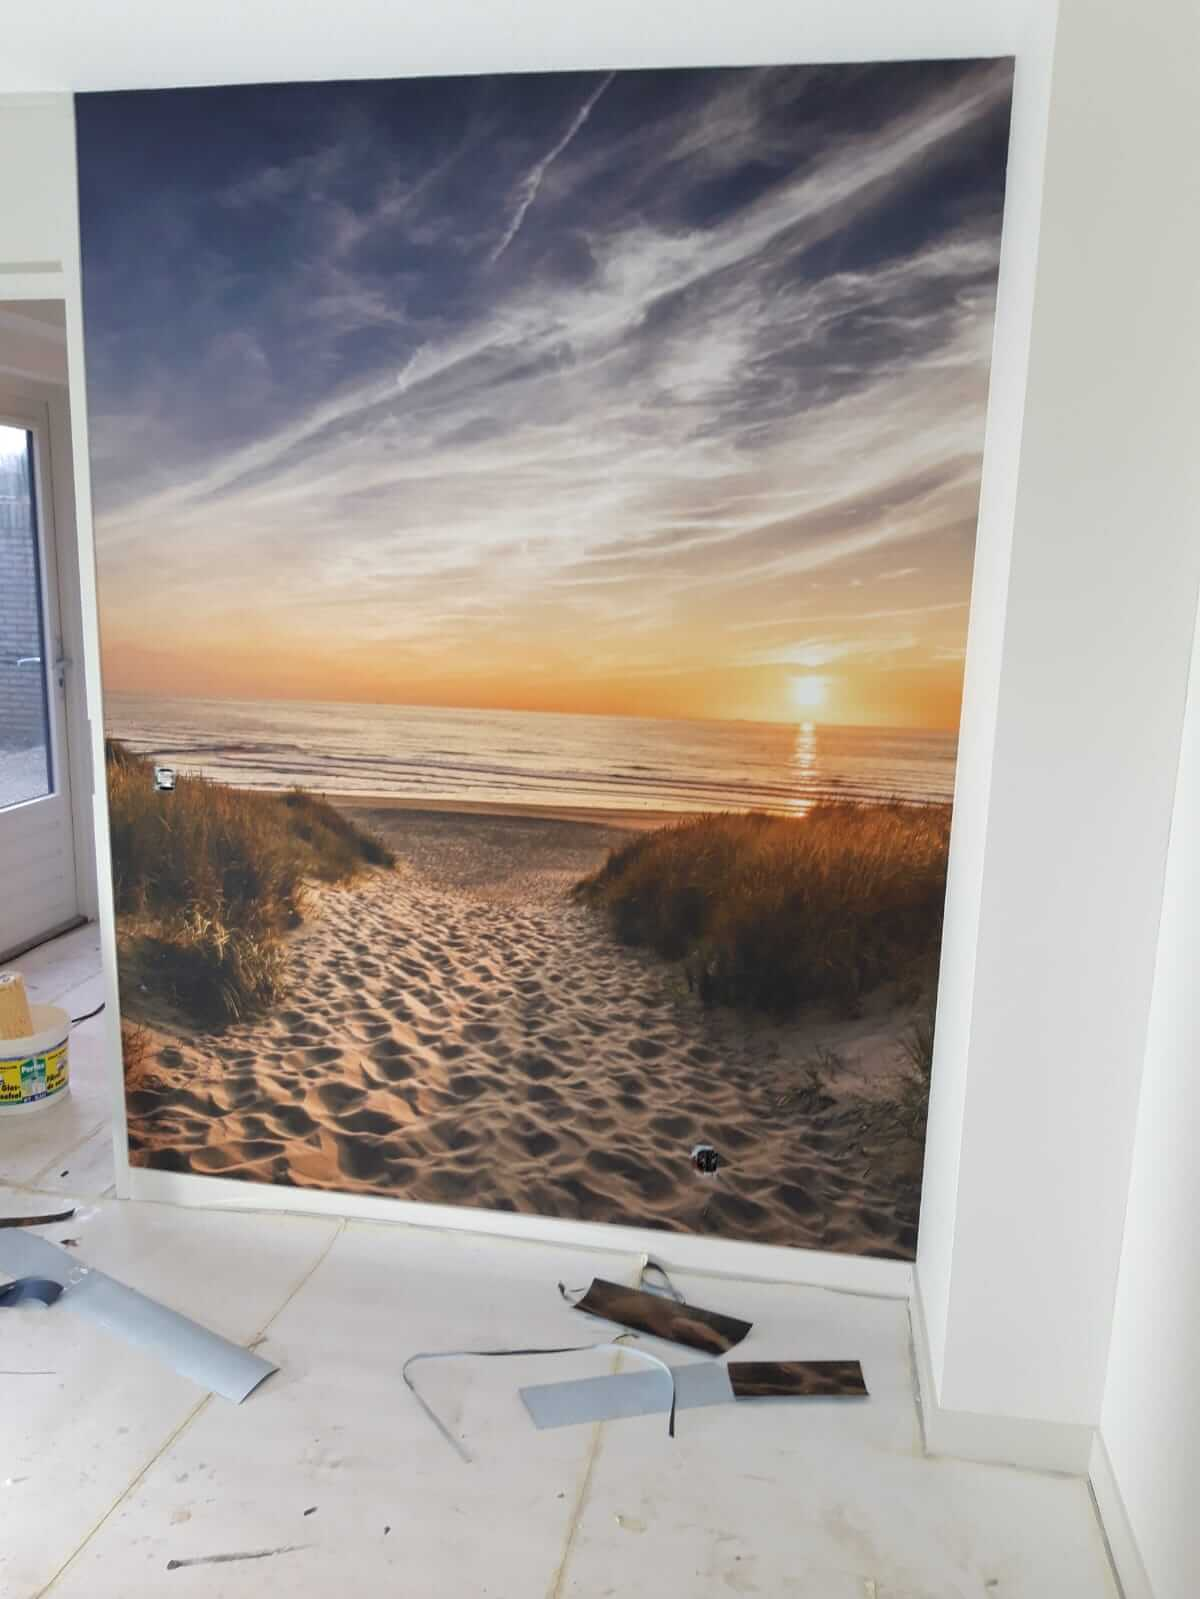 Fotobehang - wandafwerking - Schildersbedrijf Leeuw & Bouwhuis 2